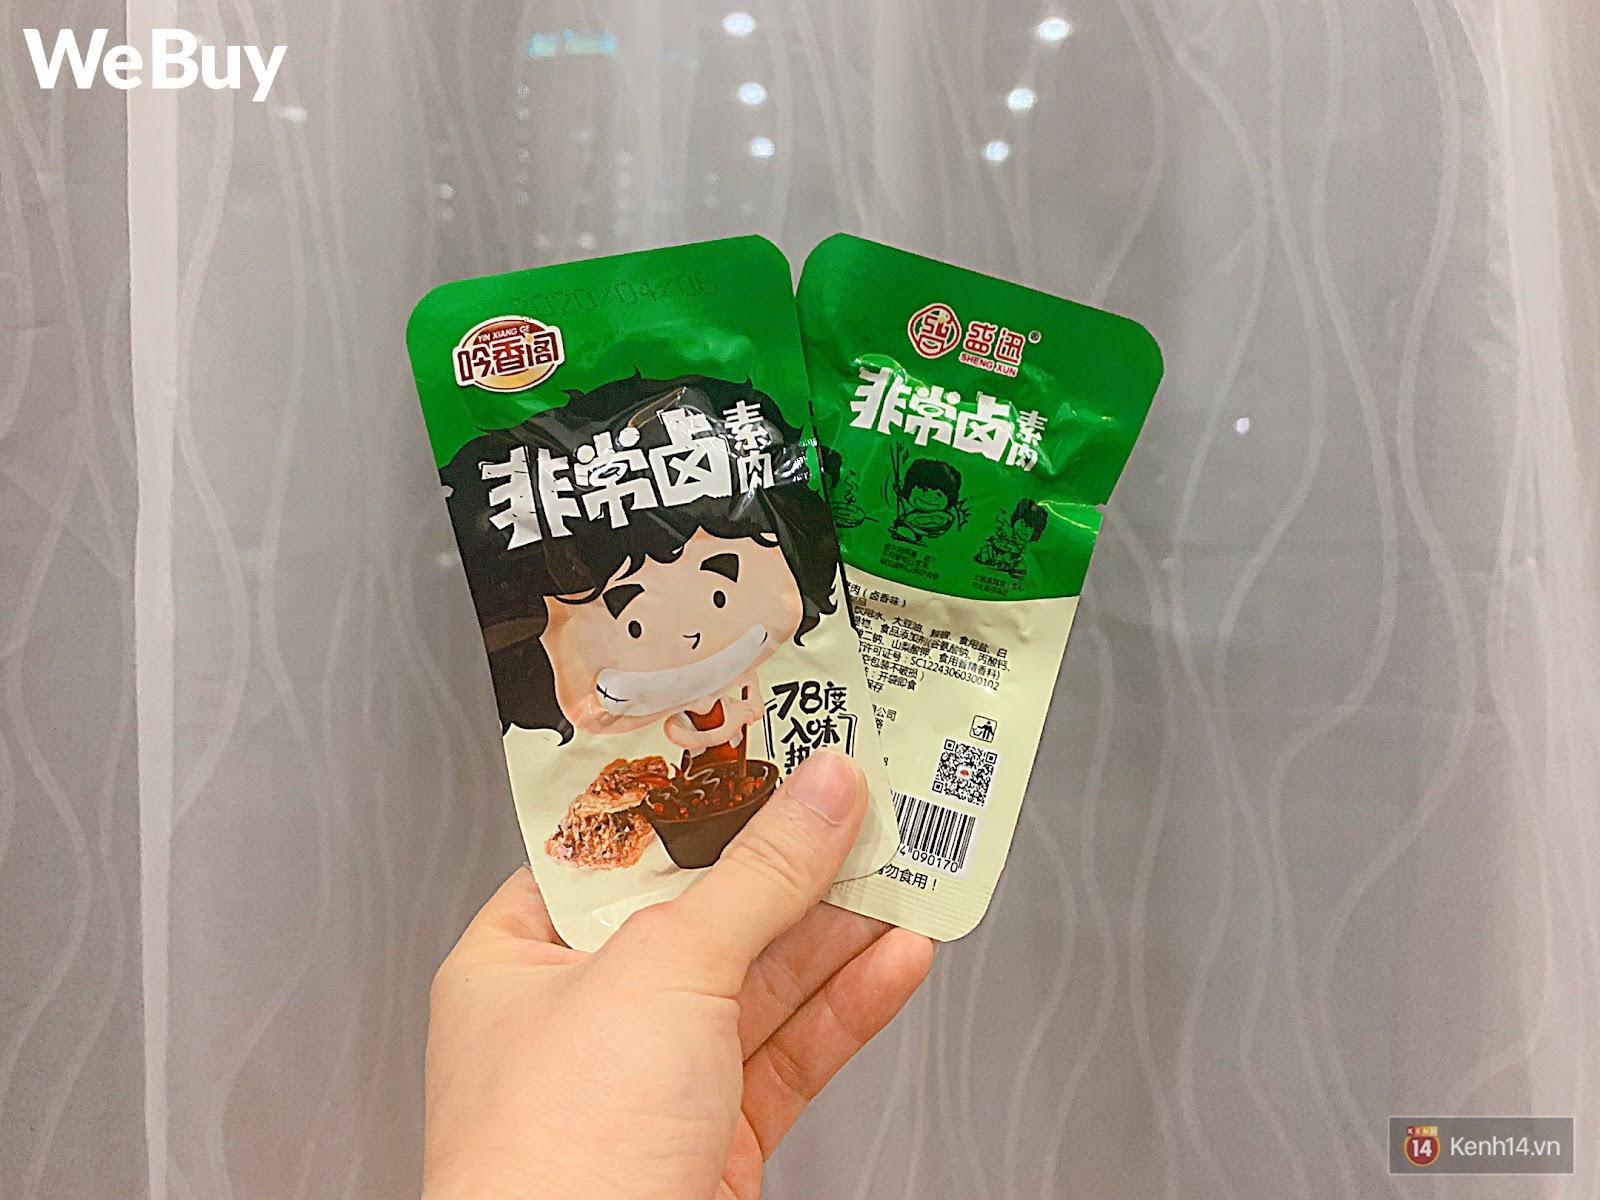 """Review set đồ ăn vặt nội địa Trung Quốc hot hit gần đây: Lung linh hấp dẫn là thế nhưng ăn thử mới thấy như bị... """"lừa tình"""" - Ảnh 13."""